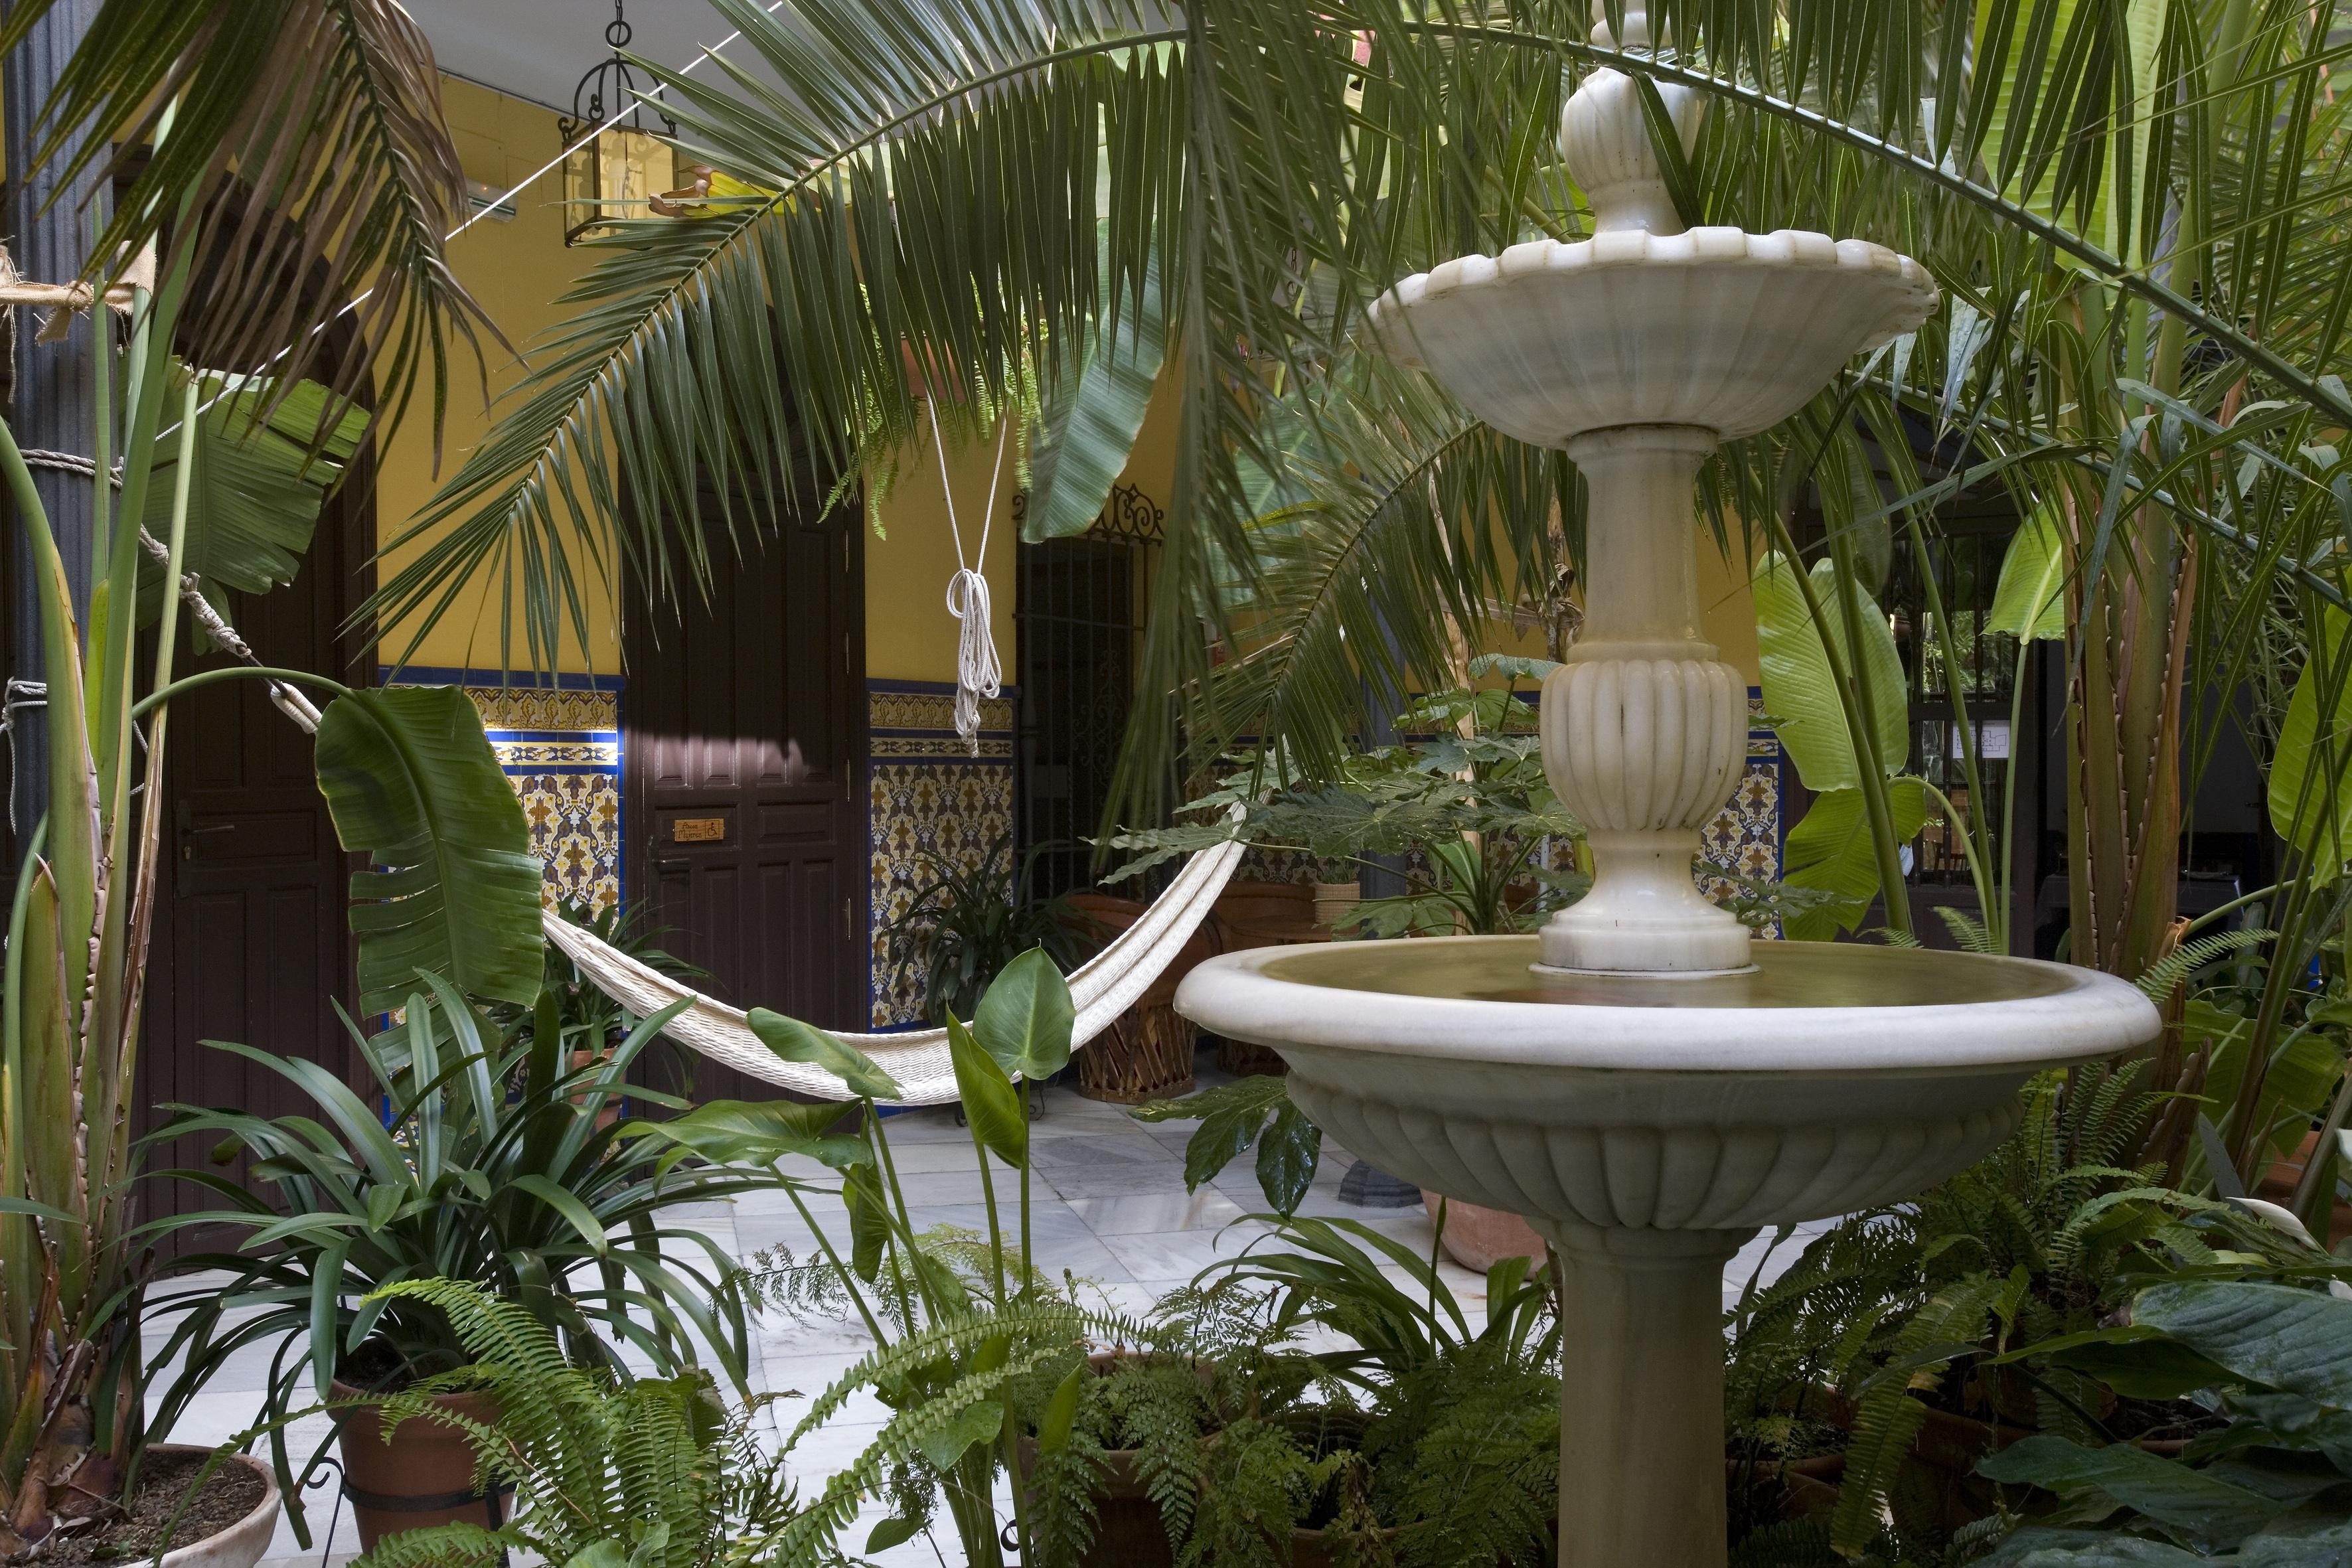 Hotel casa de los azulejos tutto c rdoba for Hotel casa de los azulejos cordoba spain